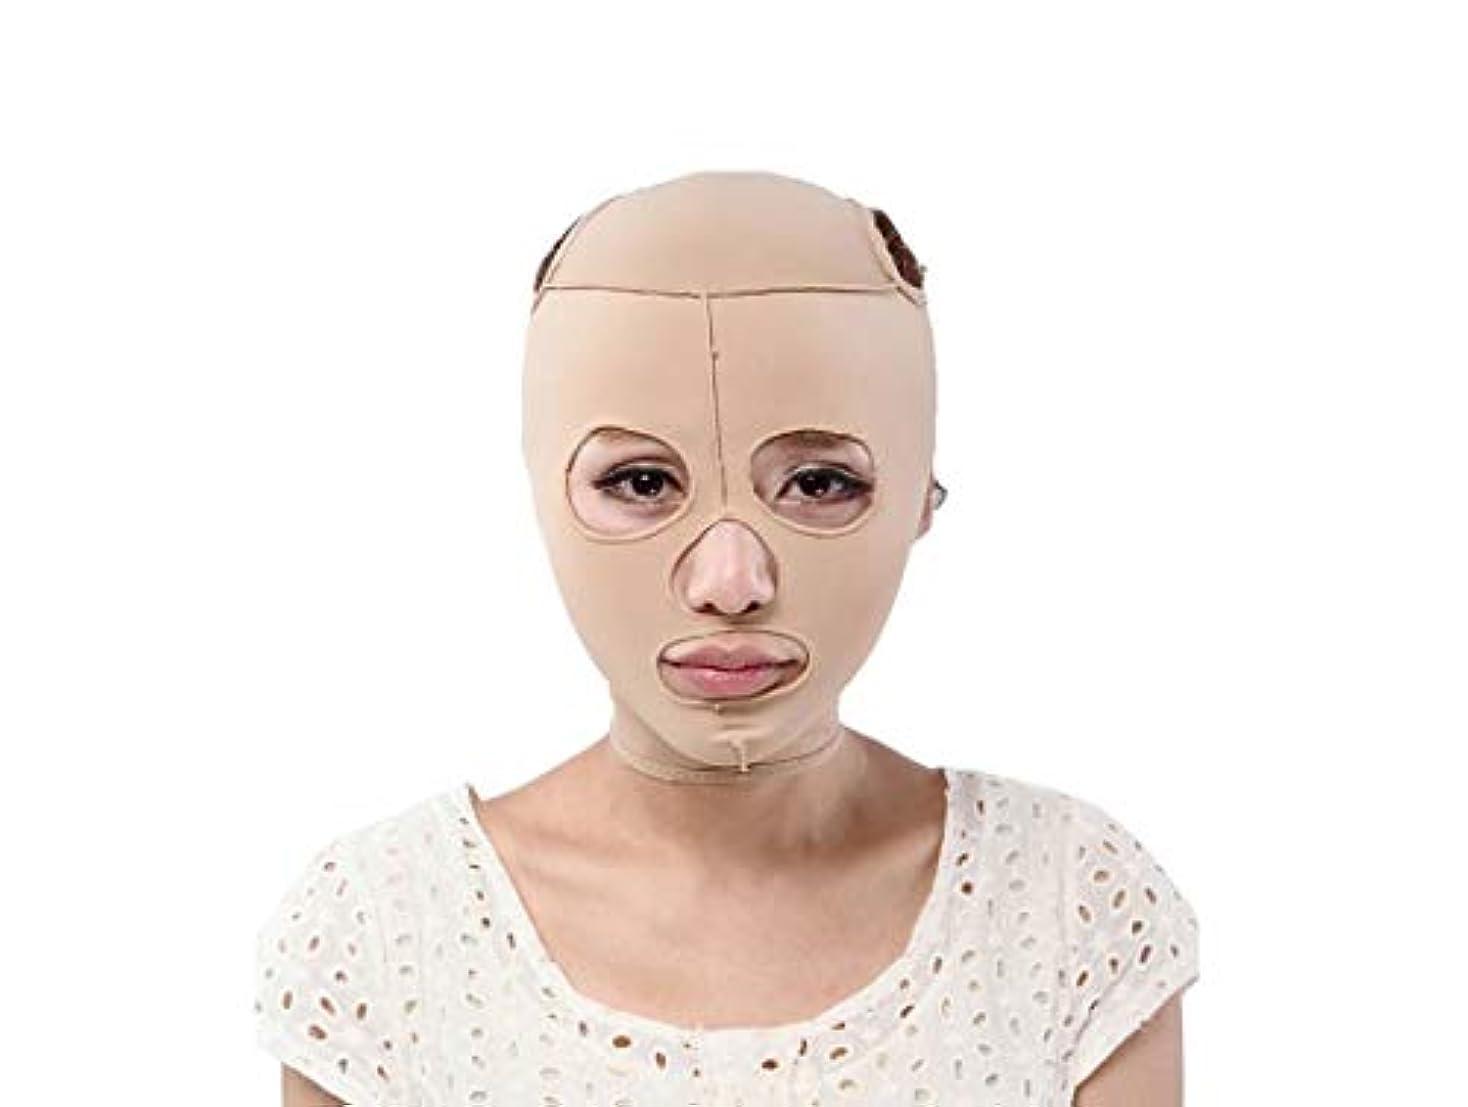 一生アサート頑固な痩身ベルト、フェイスマスク薄い顔楽器リフティング引き締めvフェイス男性と女性フェイスリフティングステッカー二重あごフェイスリフティングフェイスマスク包帯フェイシャルマッサージ (Size : L)